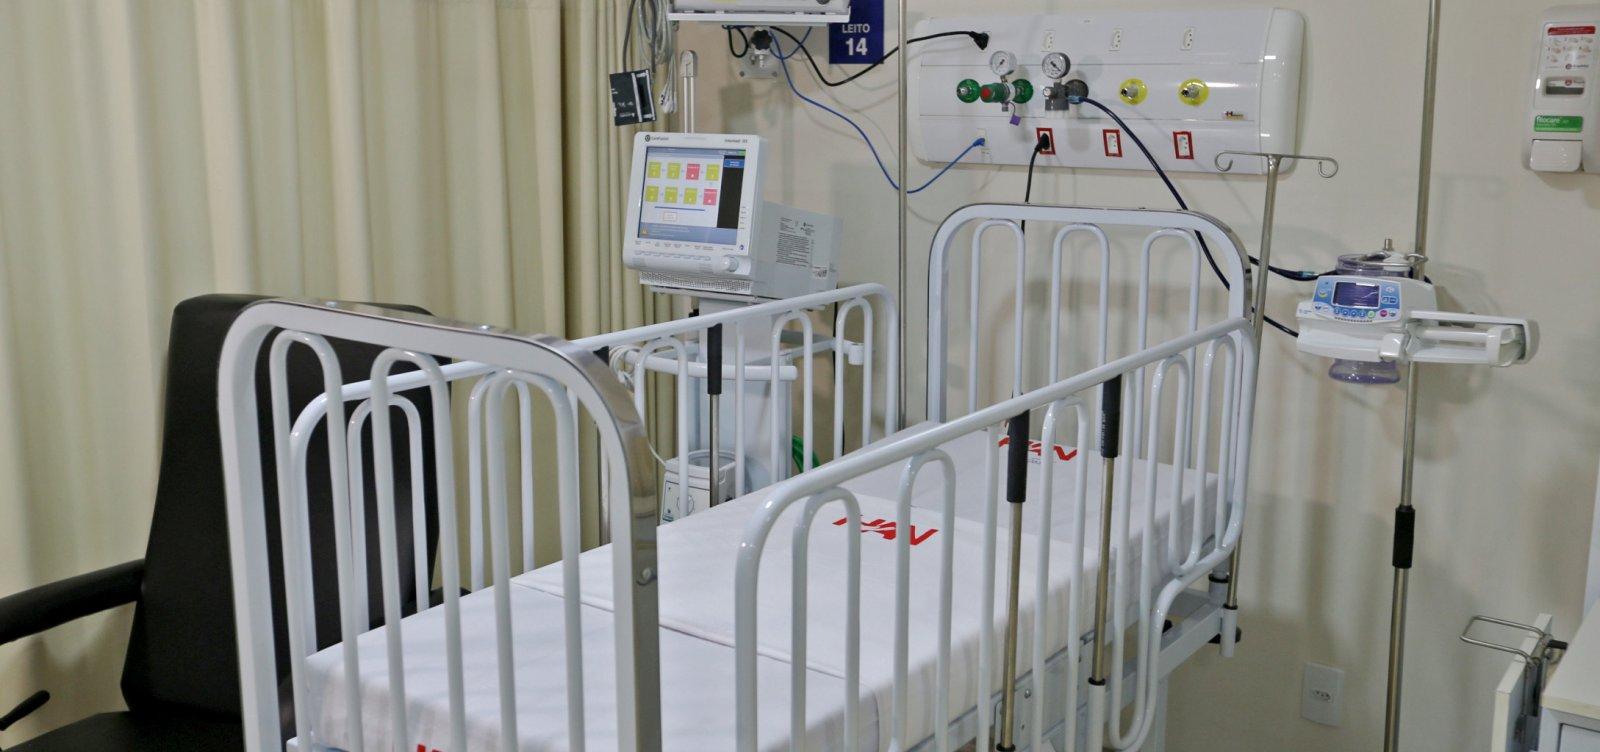 [Coronavírus em Salvador: Mãe e filha estão isoladas em casa; idoso está na UTI por precaução]